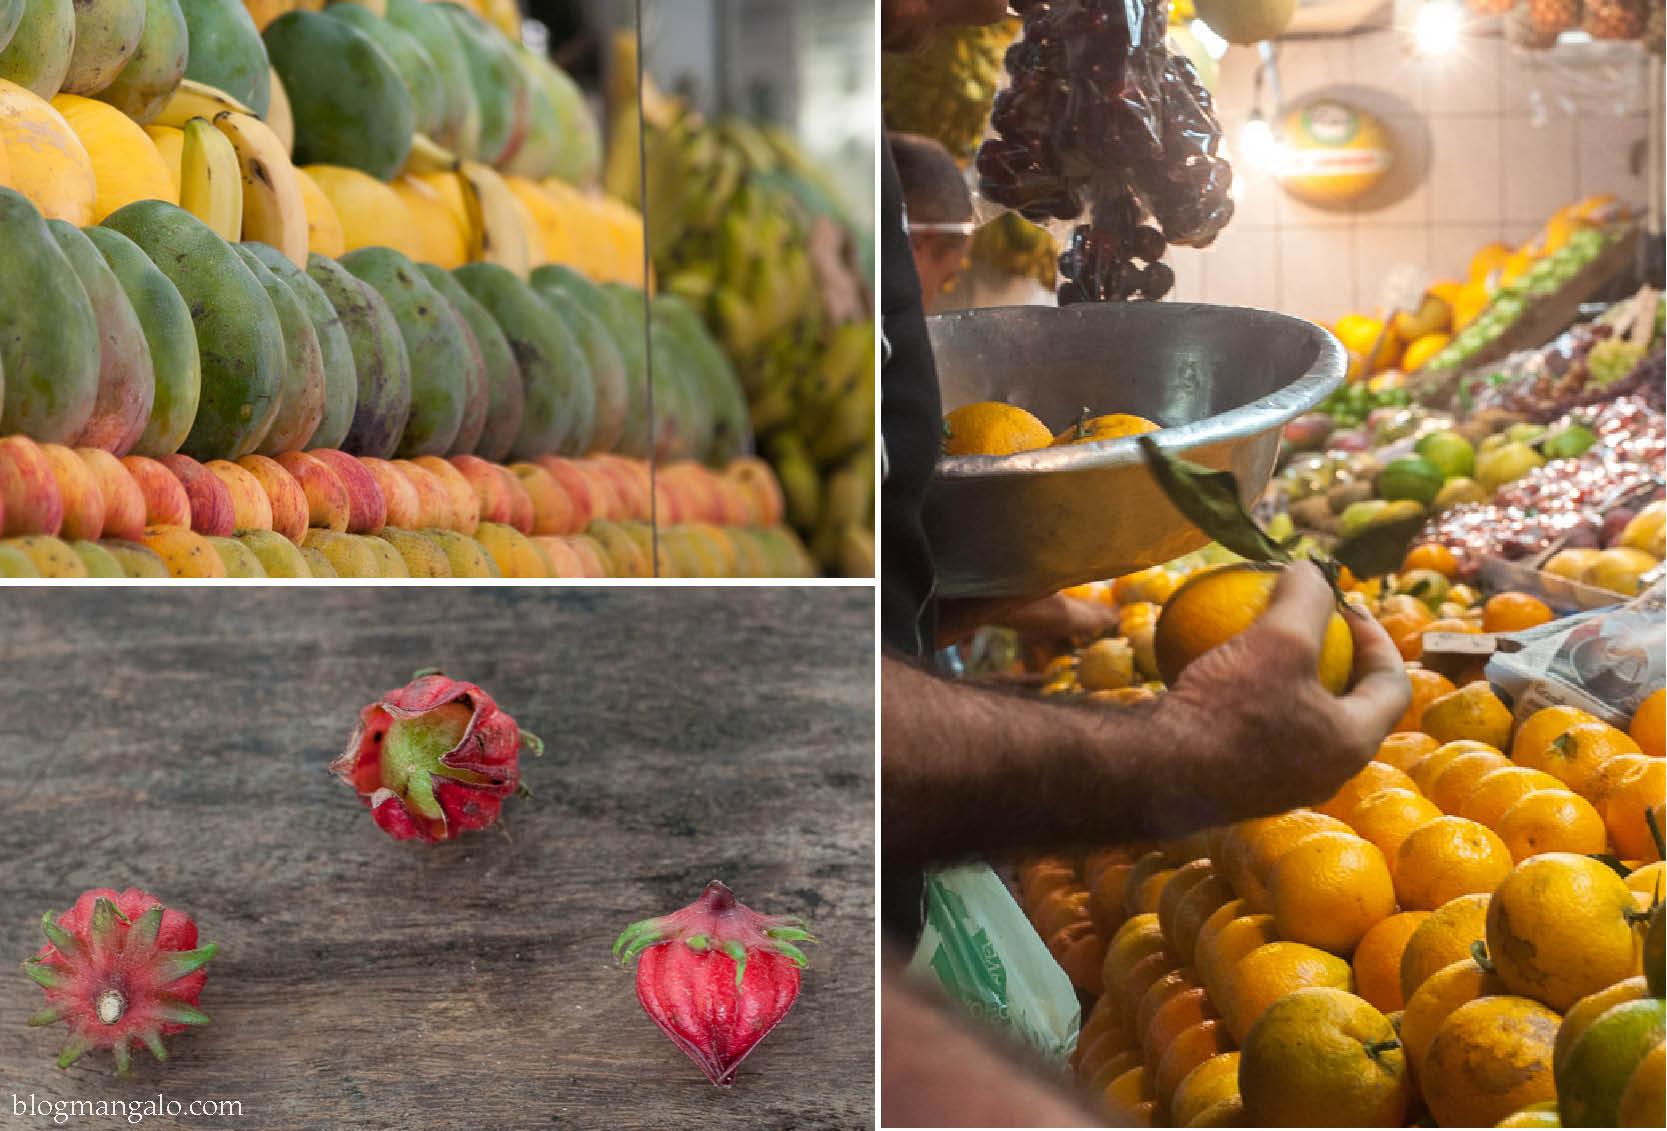 na rua, na feira e em casa: ingredientes frescos